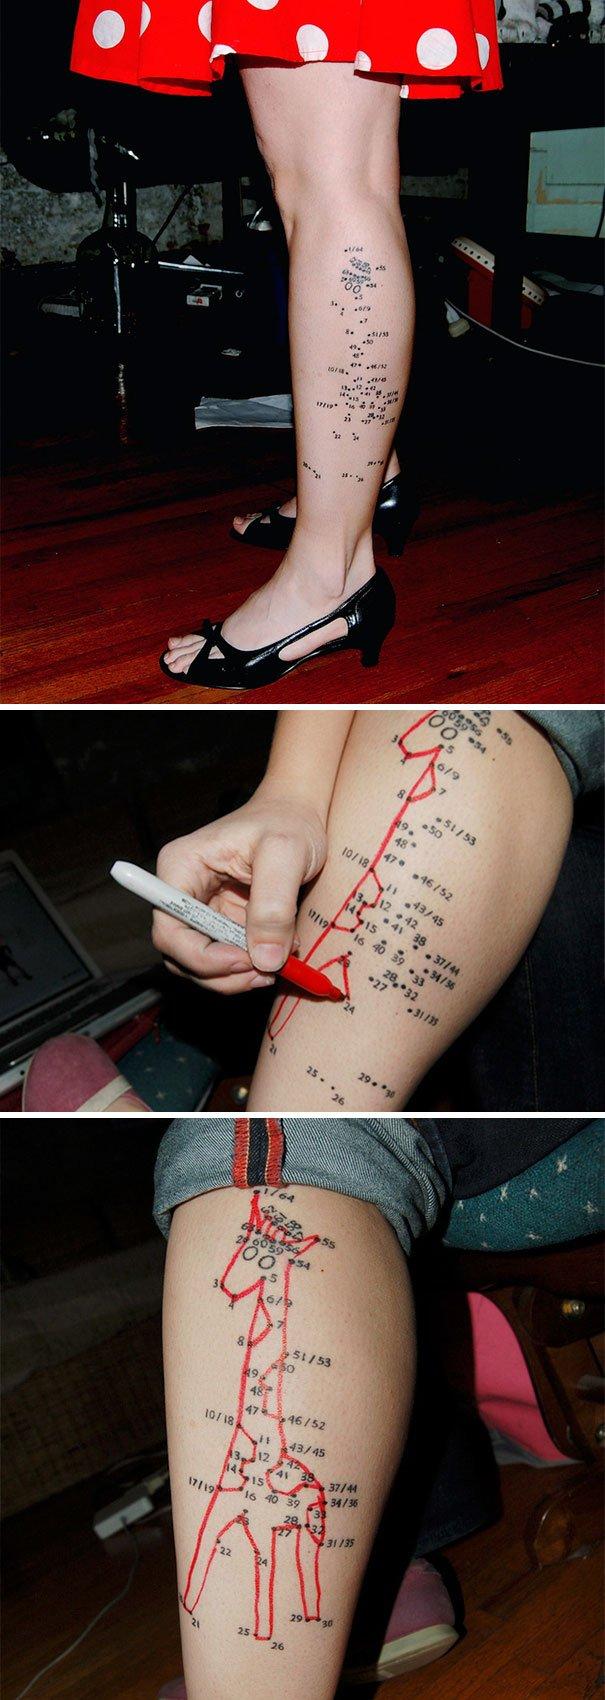 Tatuaje de una figura escondida en los números